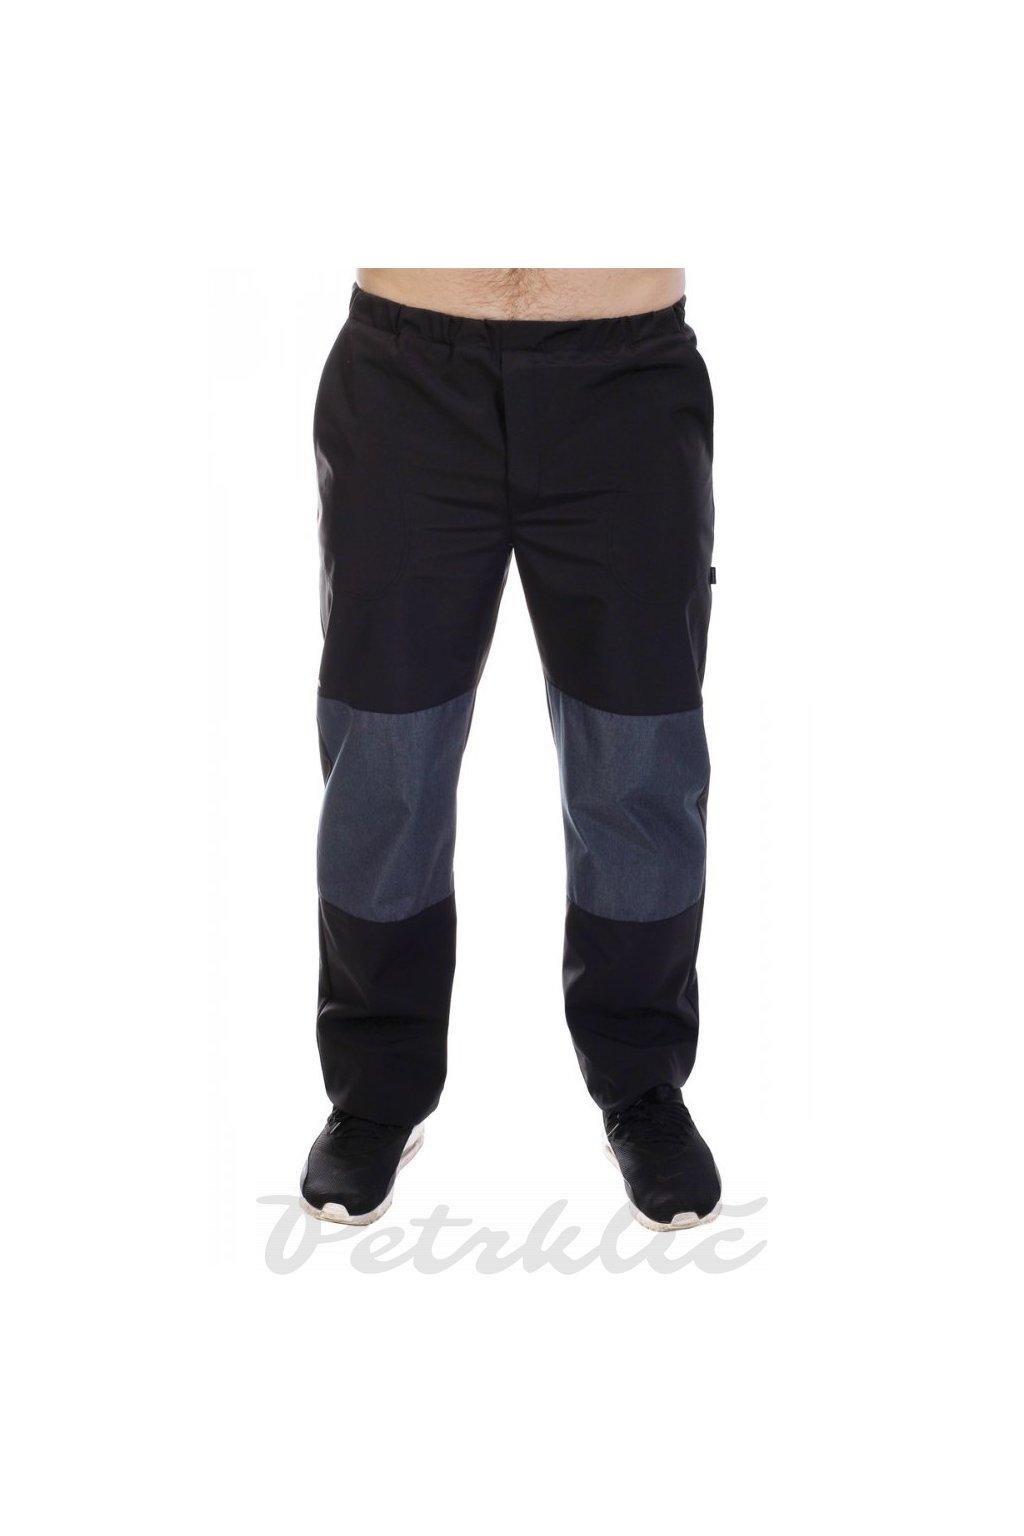 KOMBI pánské softshellové kalhoty